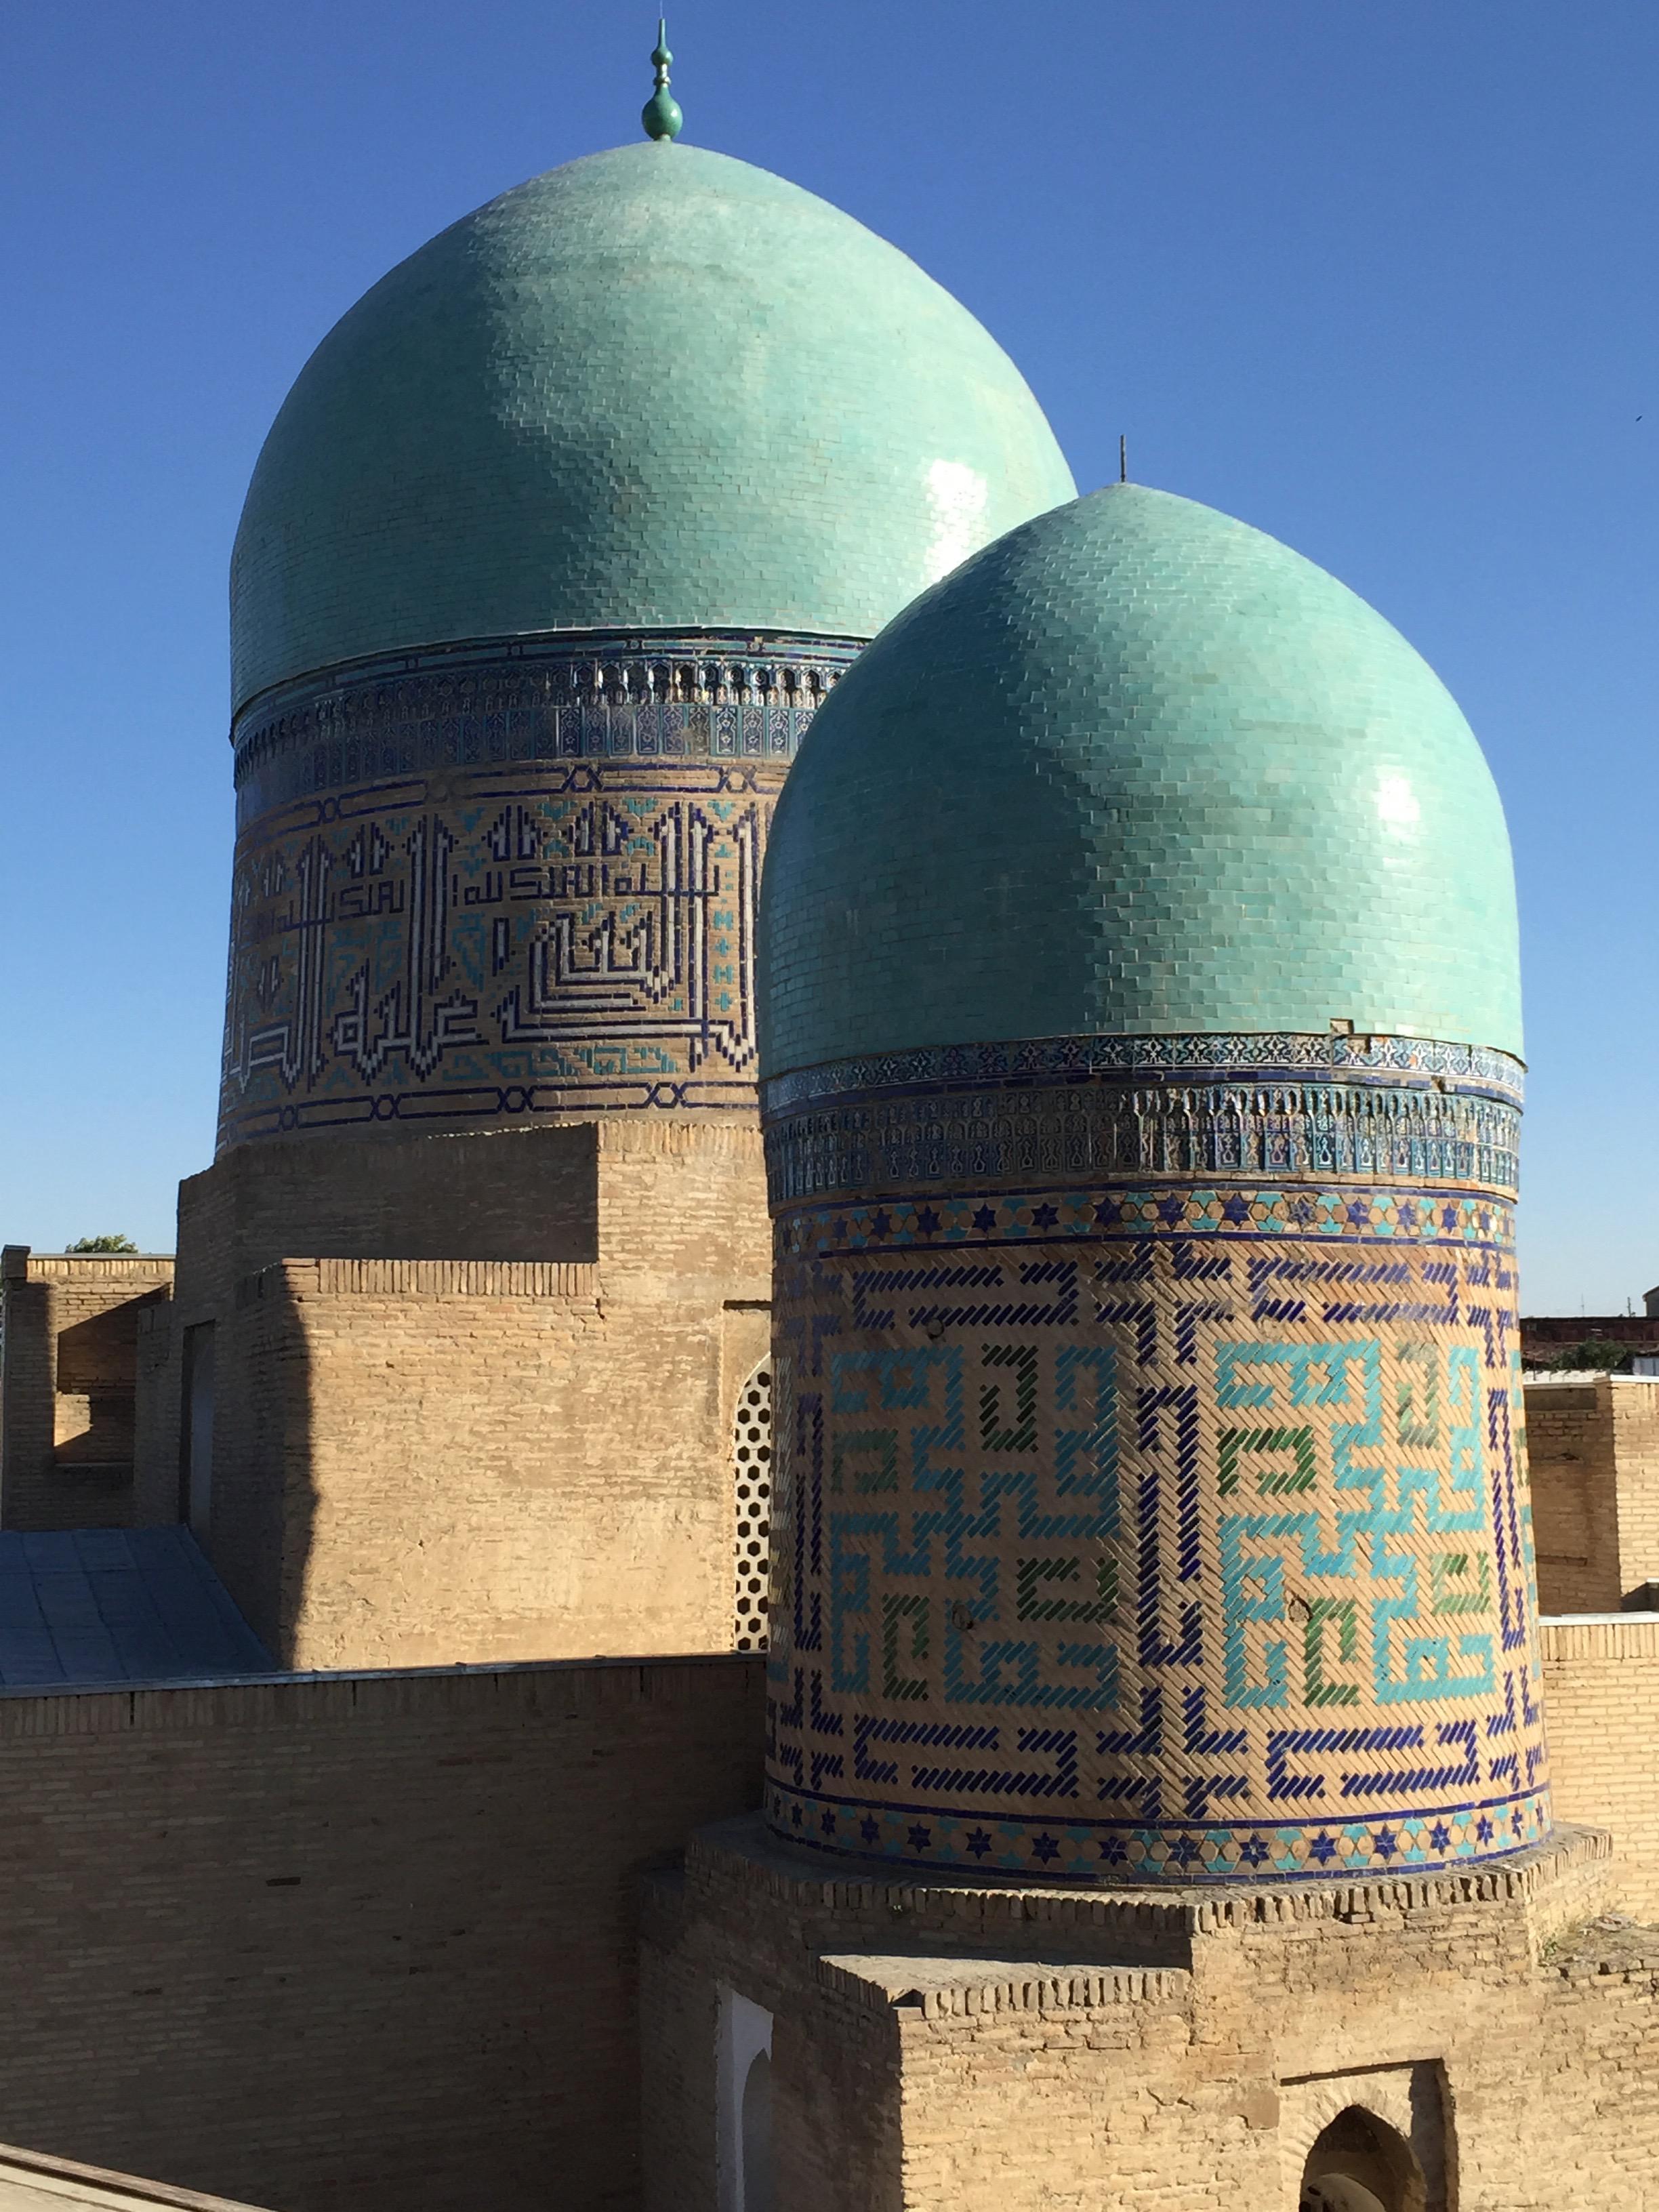 Mausoleum of Kazi Zade Rumi